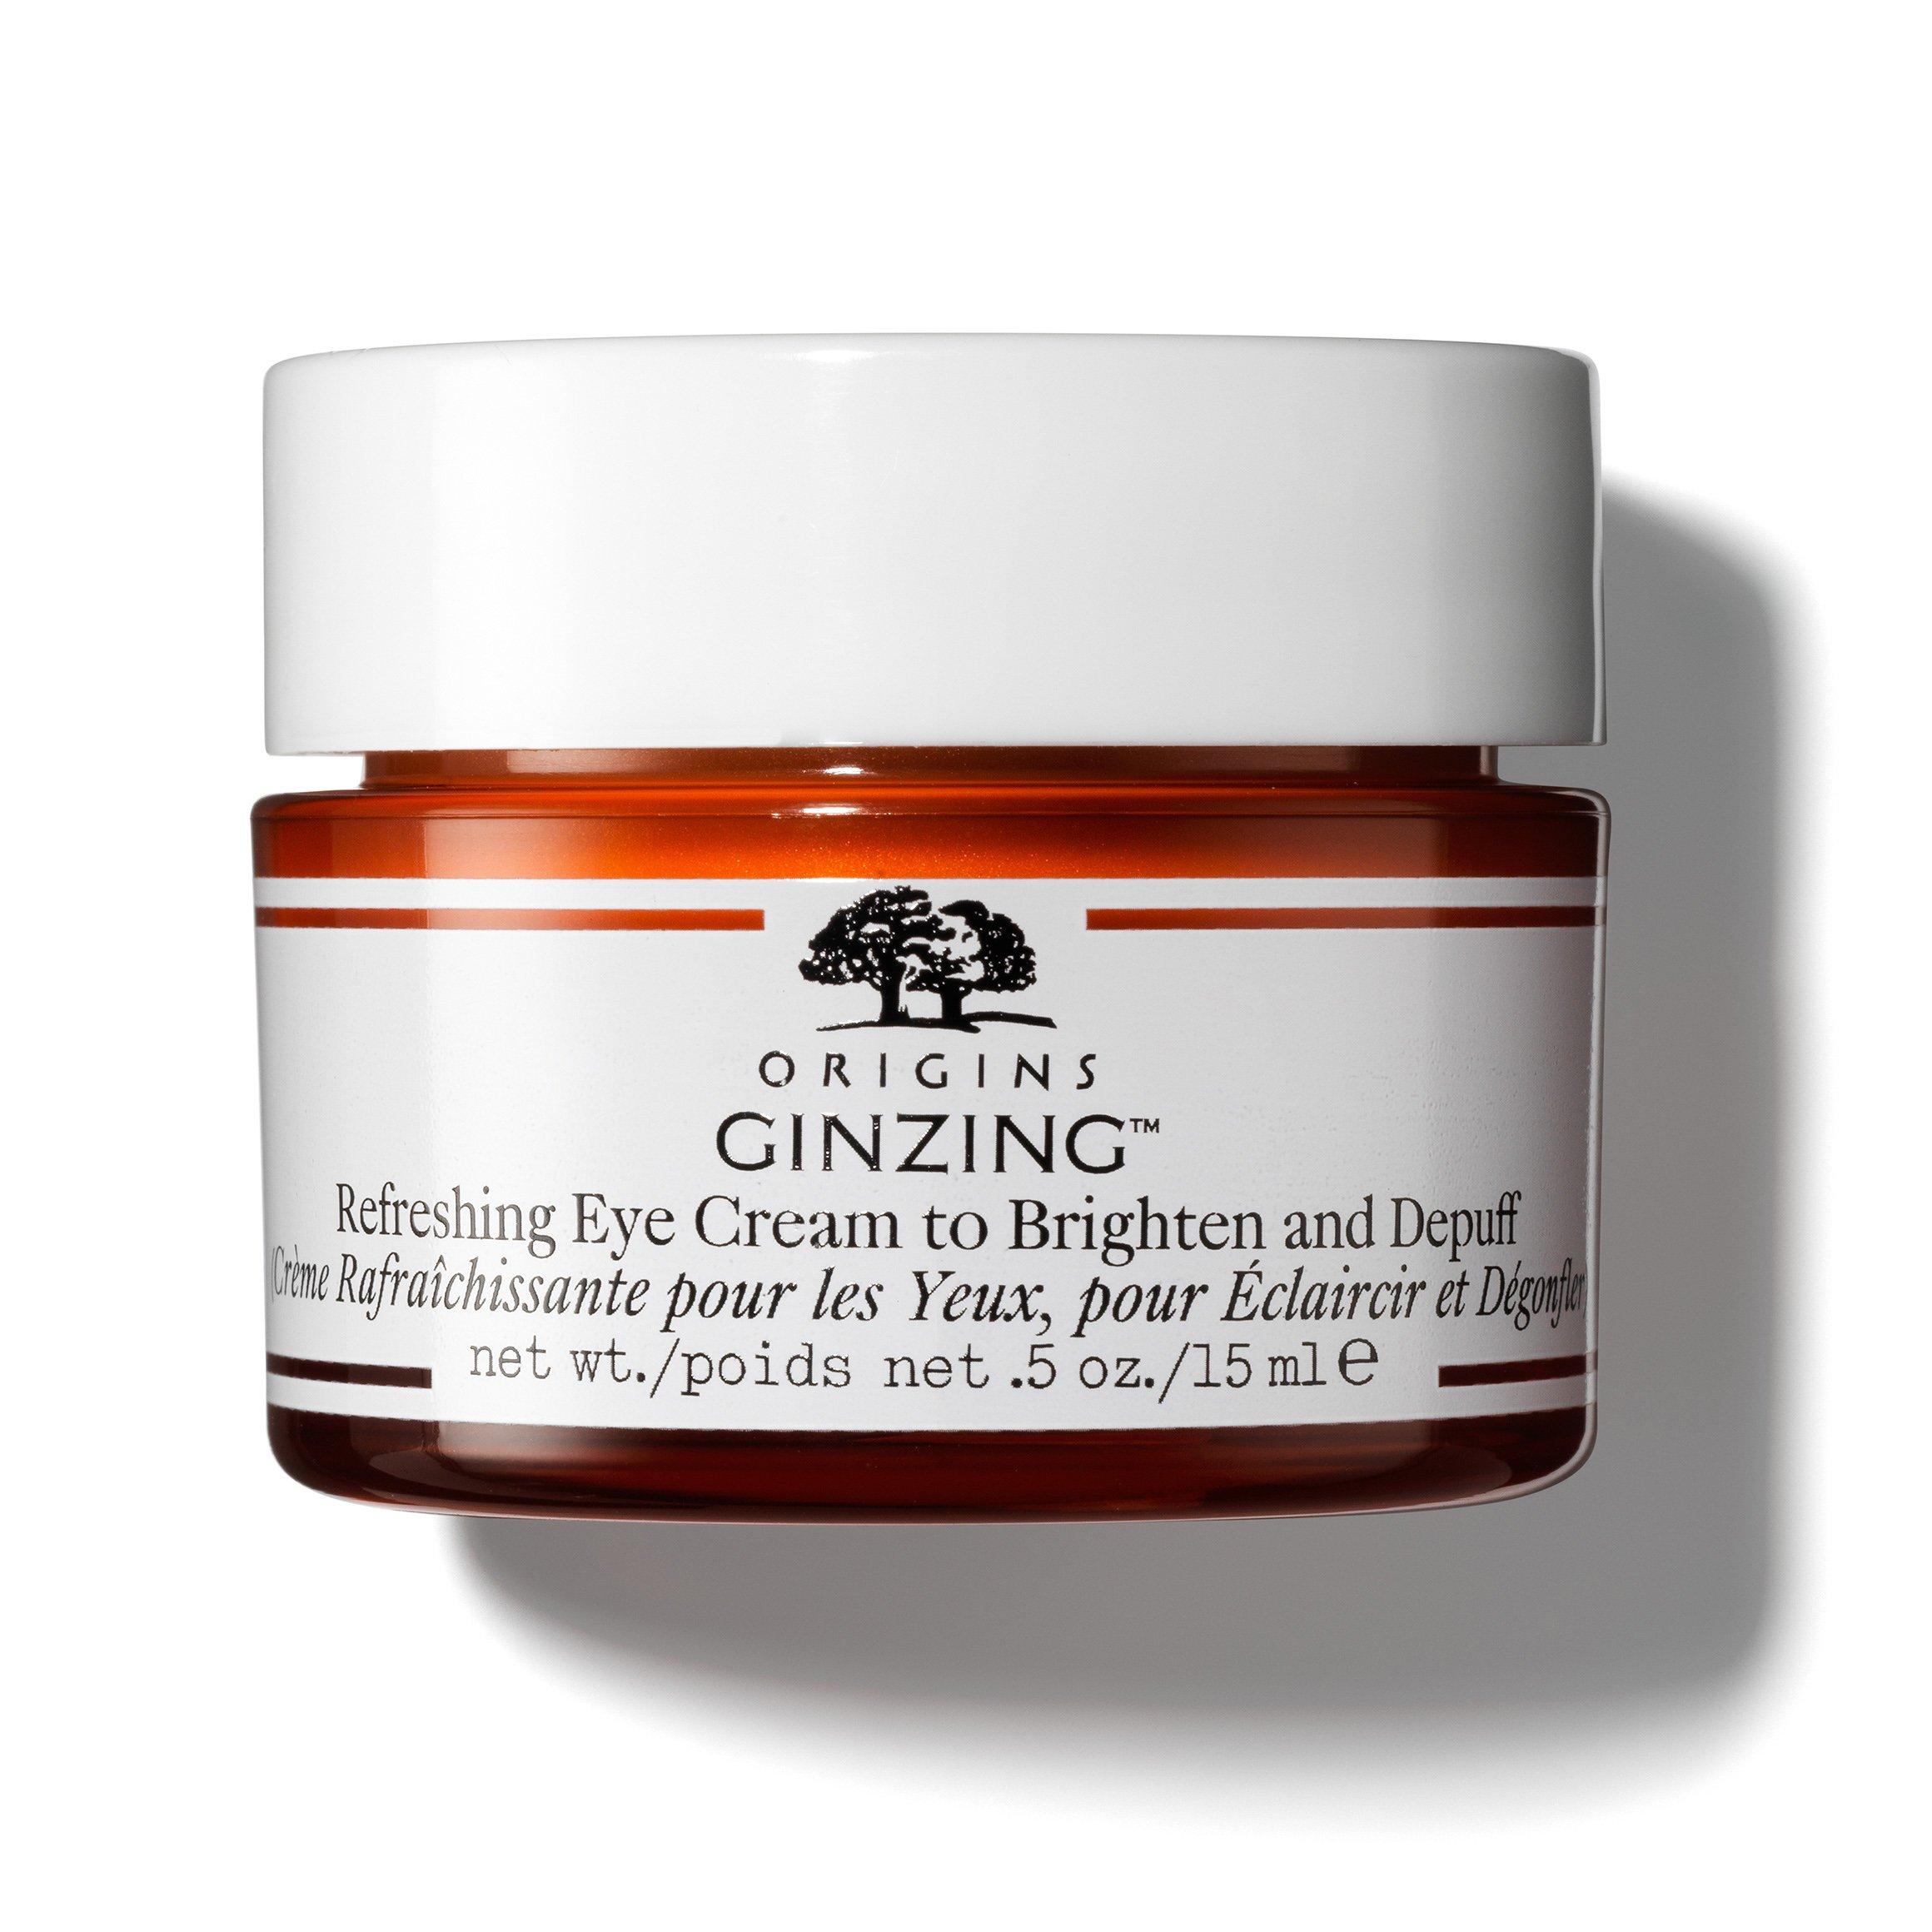 Origins Ginzing Refreshing Eye Cream To Brighten & Depuff Δροσιστική Κρέμα Ματιών Λάμψης & Αποσυμφόρησης 15ml